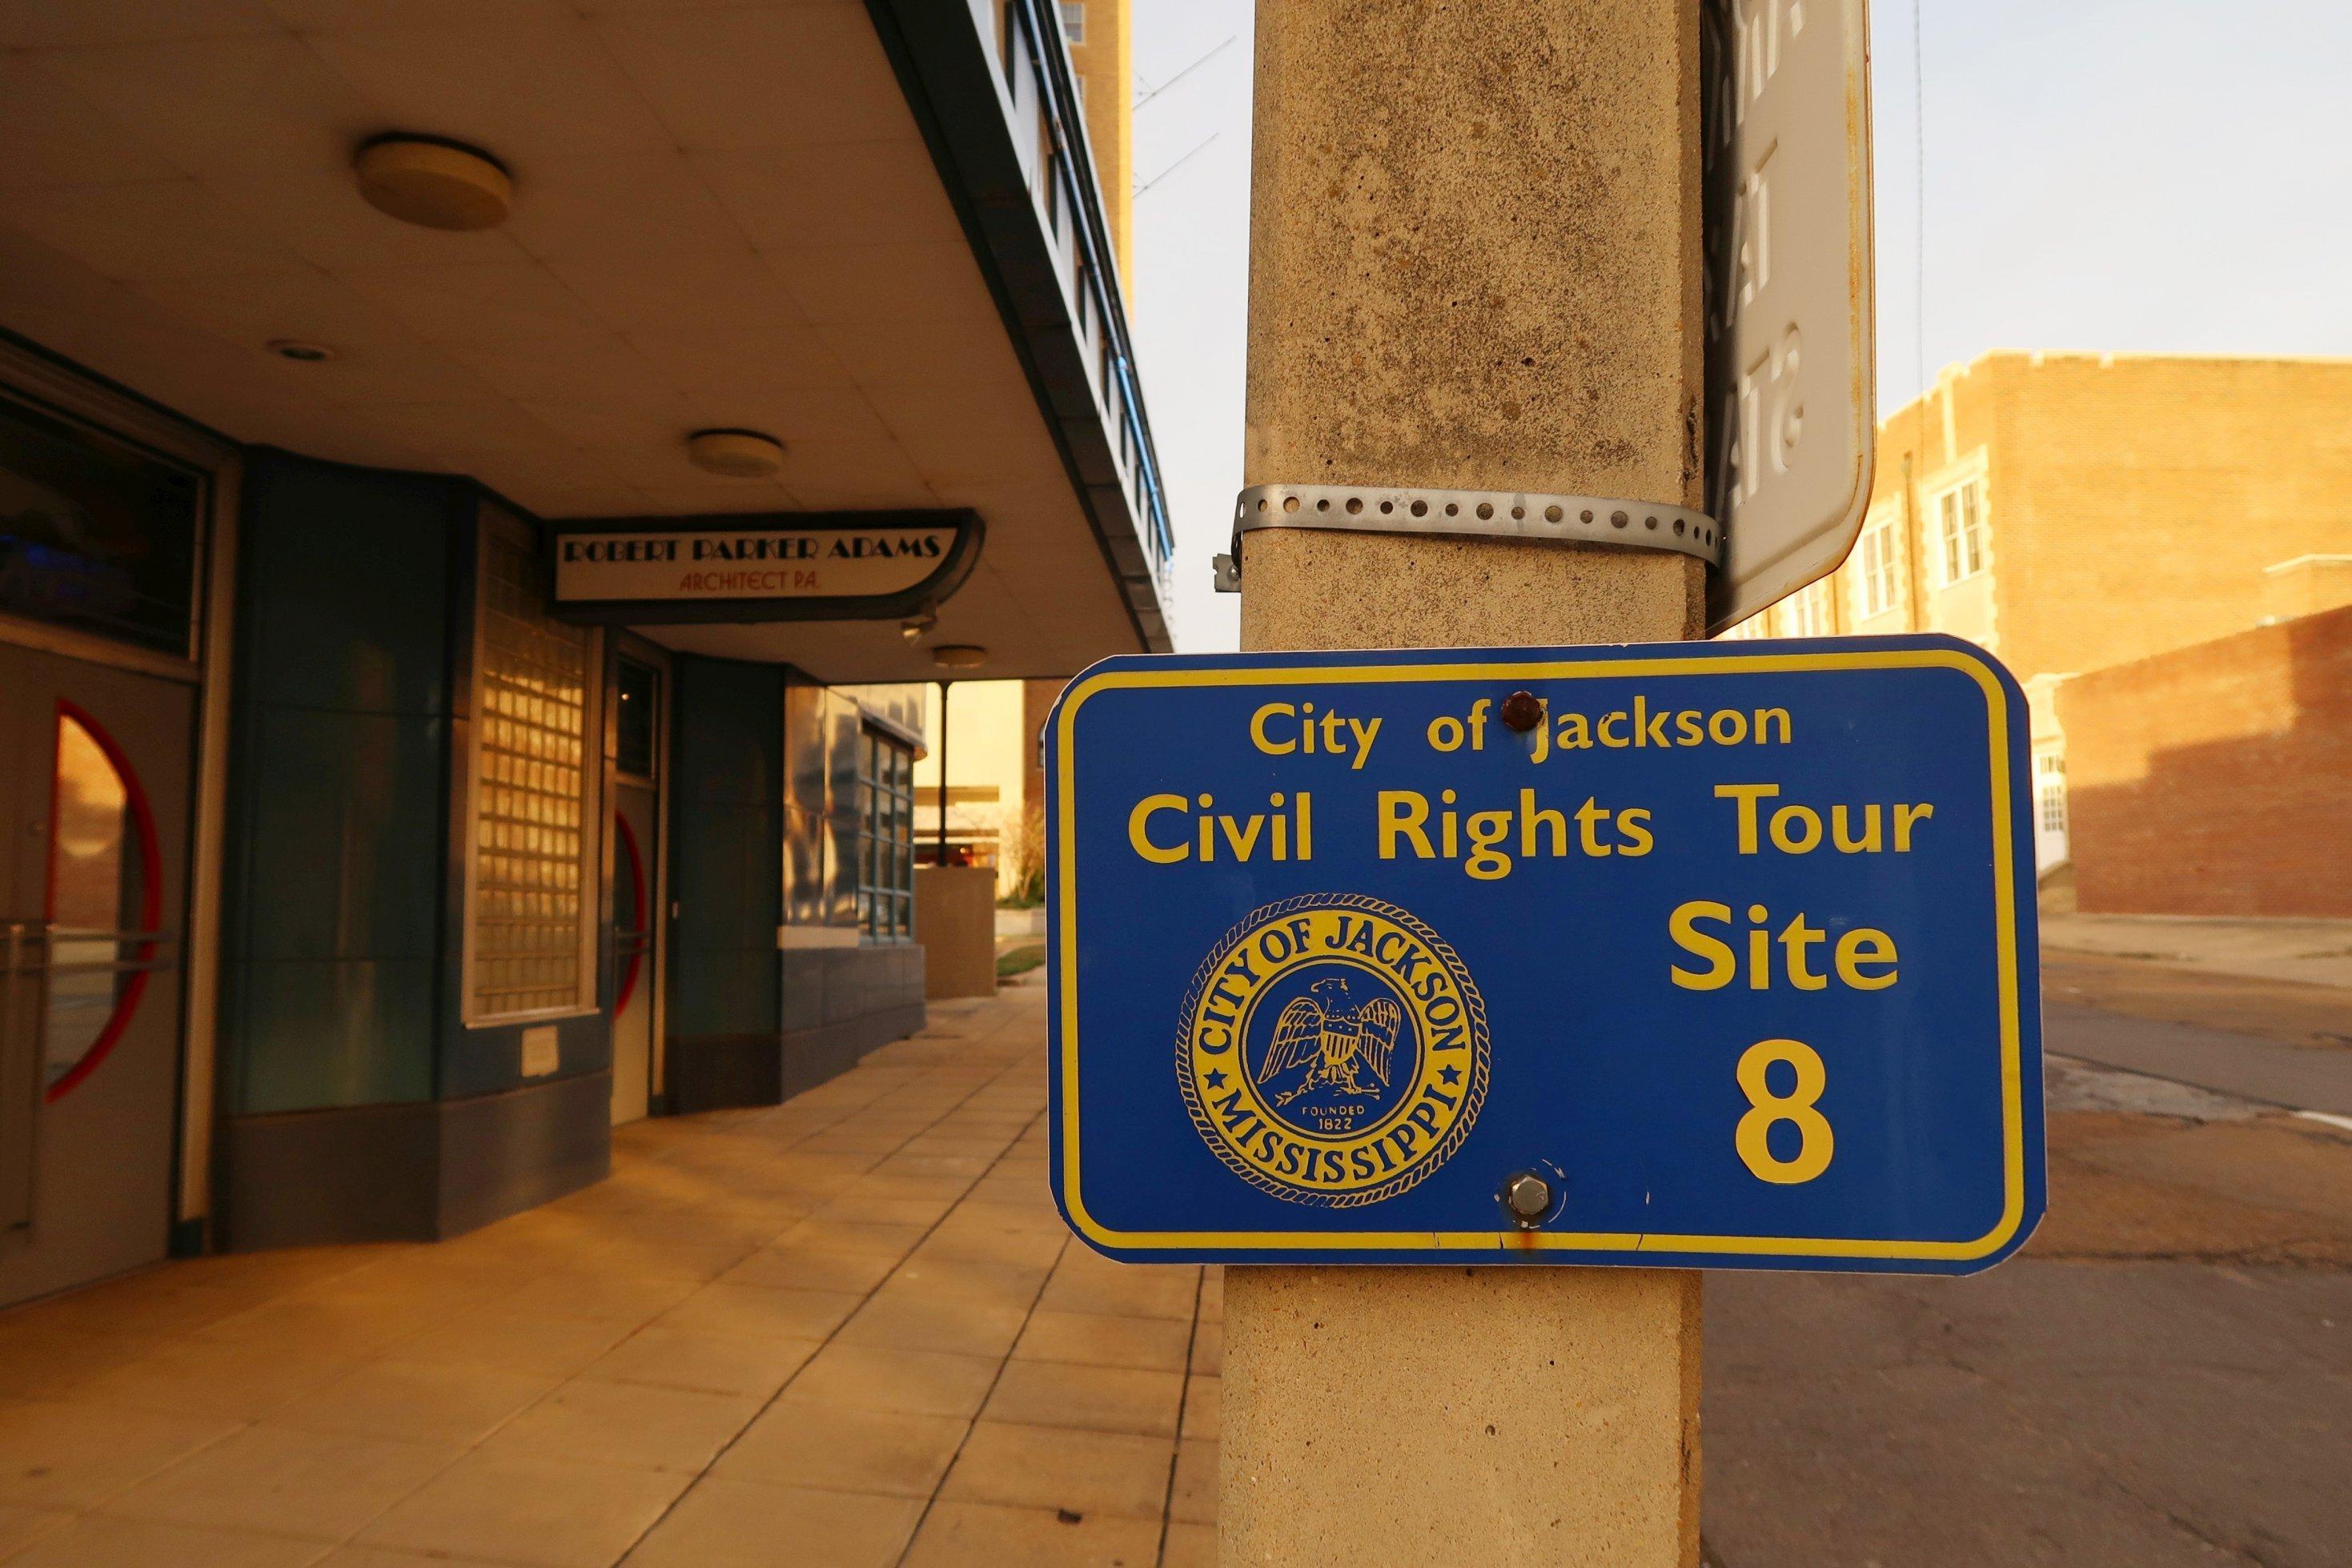 Erinnerungstafel an der früheren Greyhound-Wartehalle in Jackson. Hier wurden in den 1960er-Jahren zahlreiche Freedom Riders verhaftet